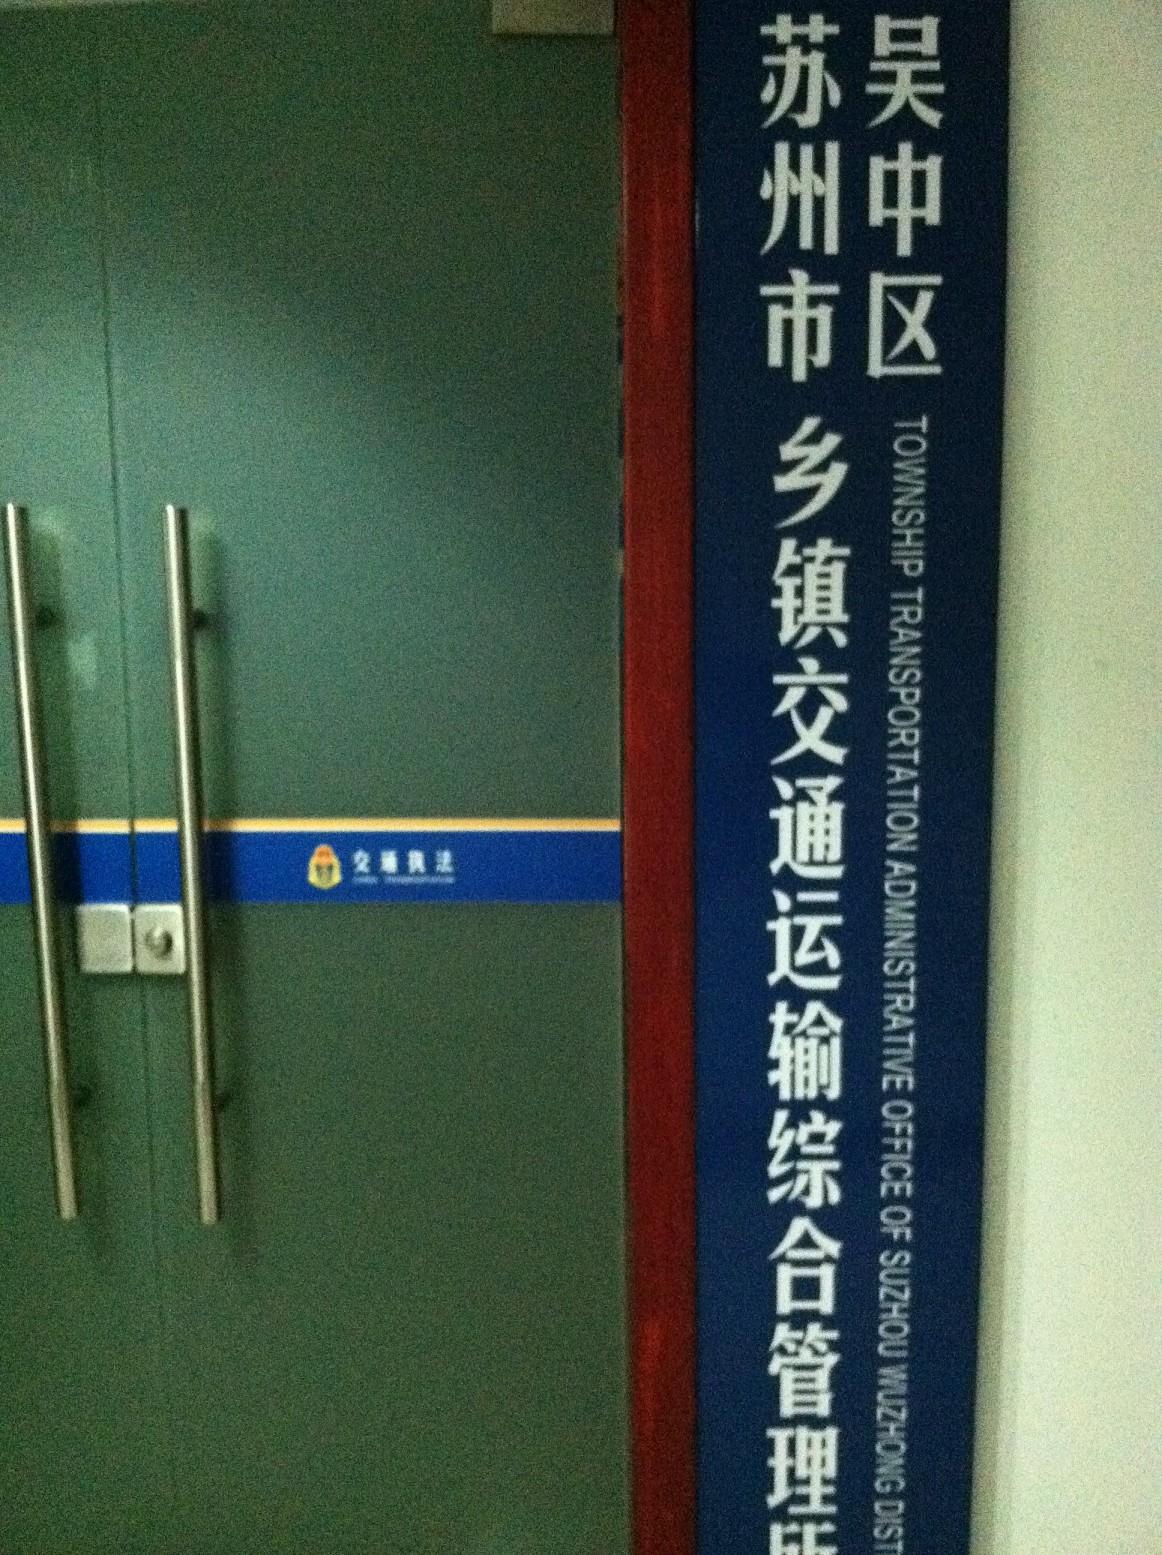 苏州市吴中区公交场站管理亚博娱乐官方网首页